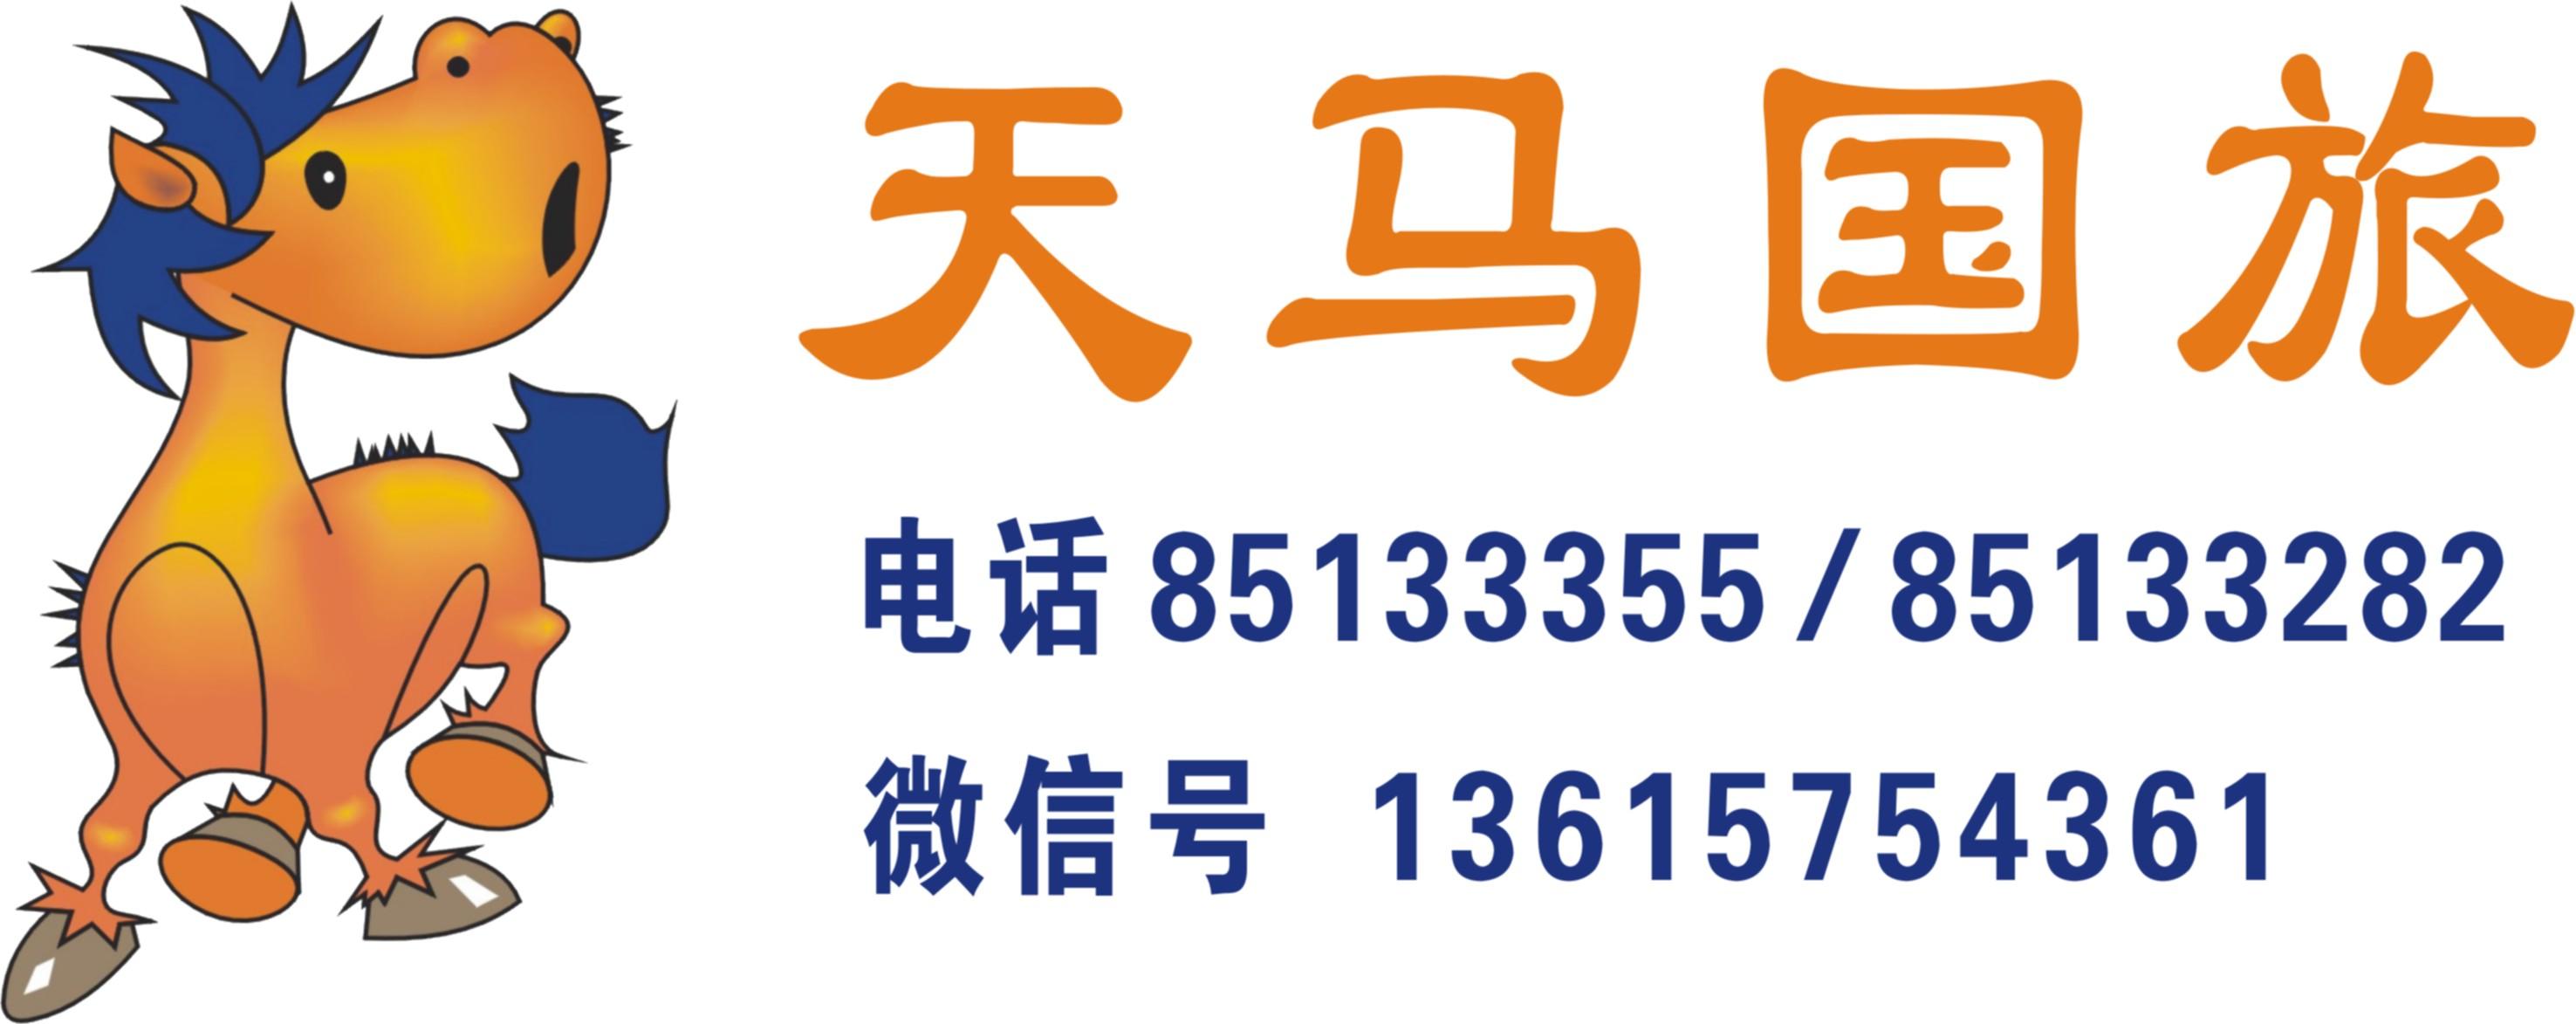 10.1-5【厦门鼓浪屿、曾厝垵、环岛路双动品质三日游】